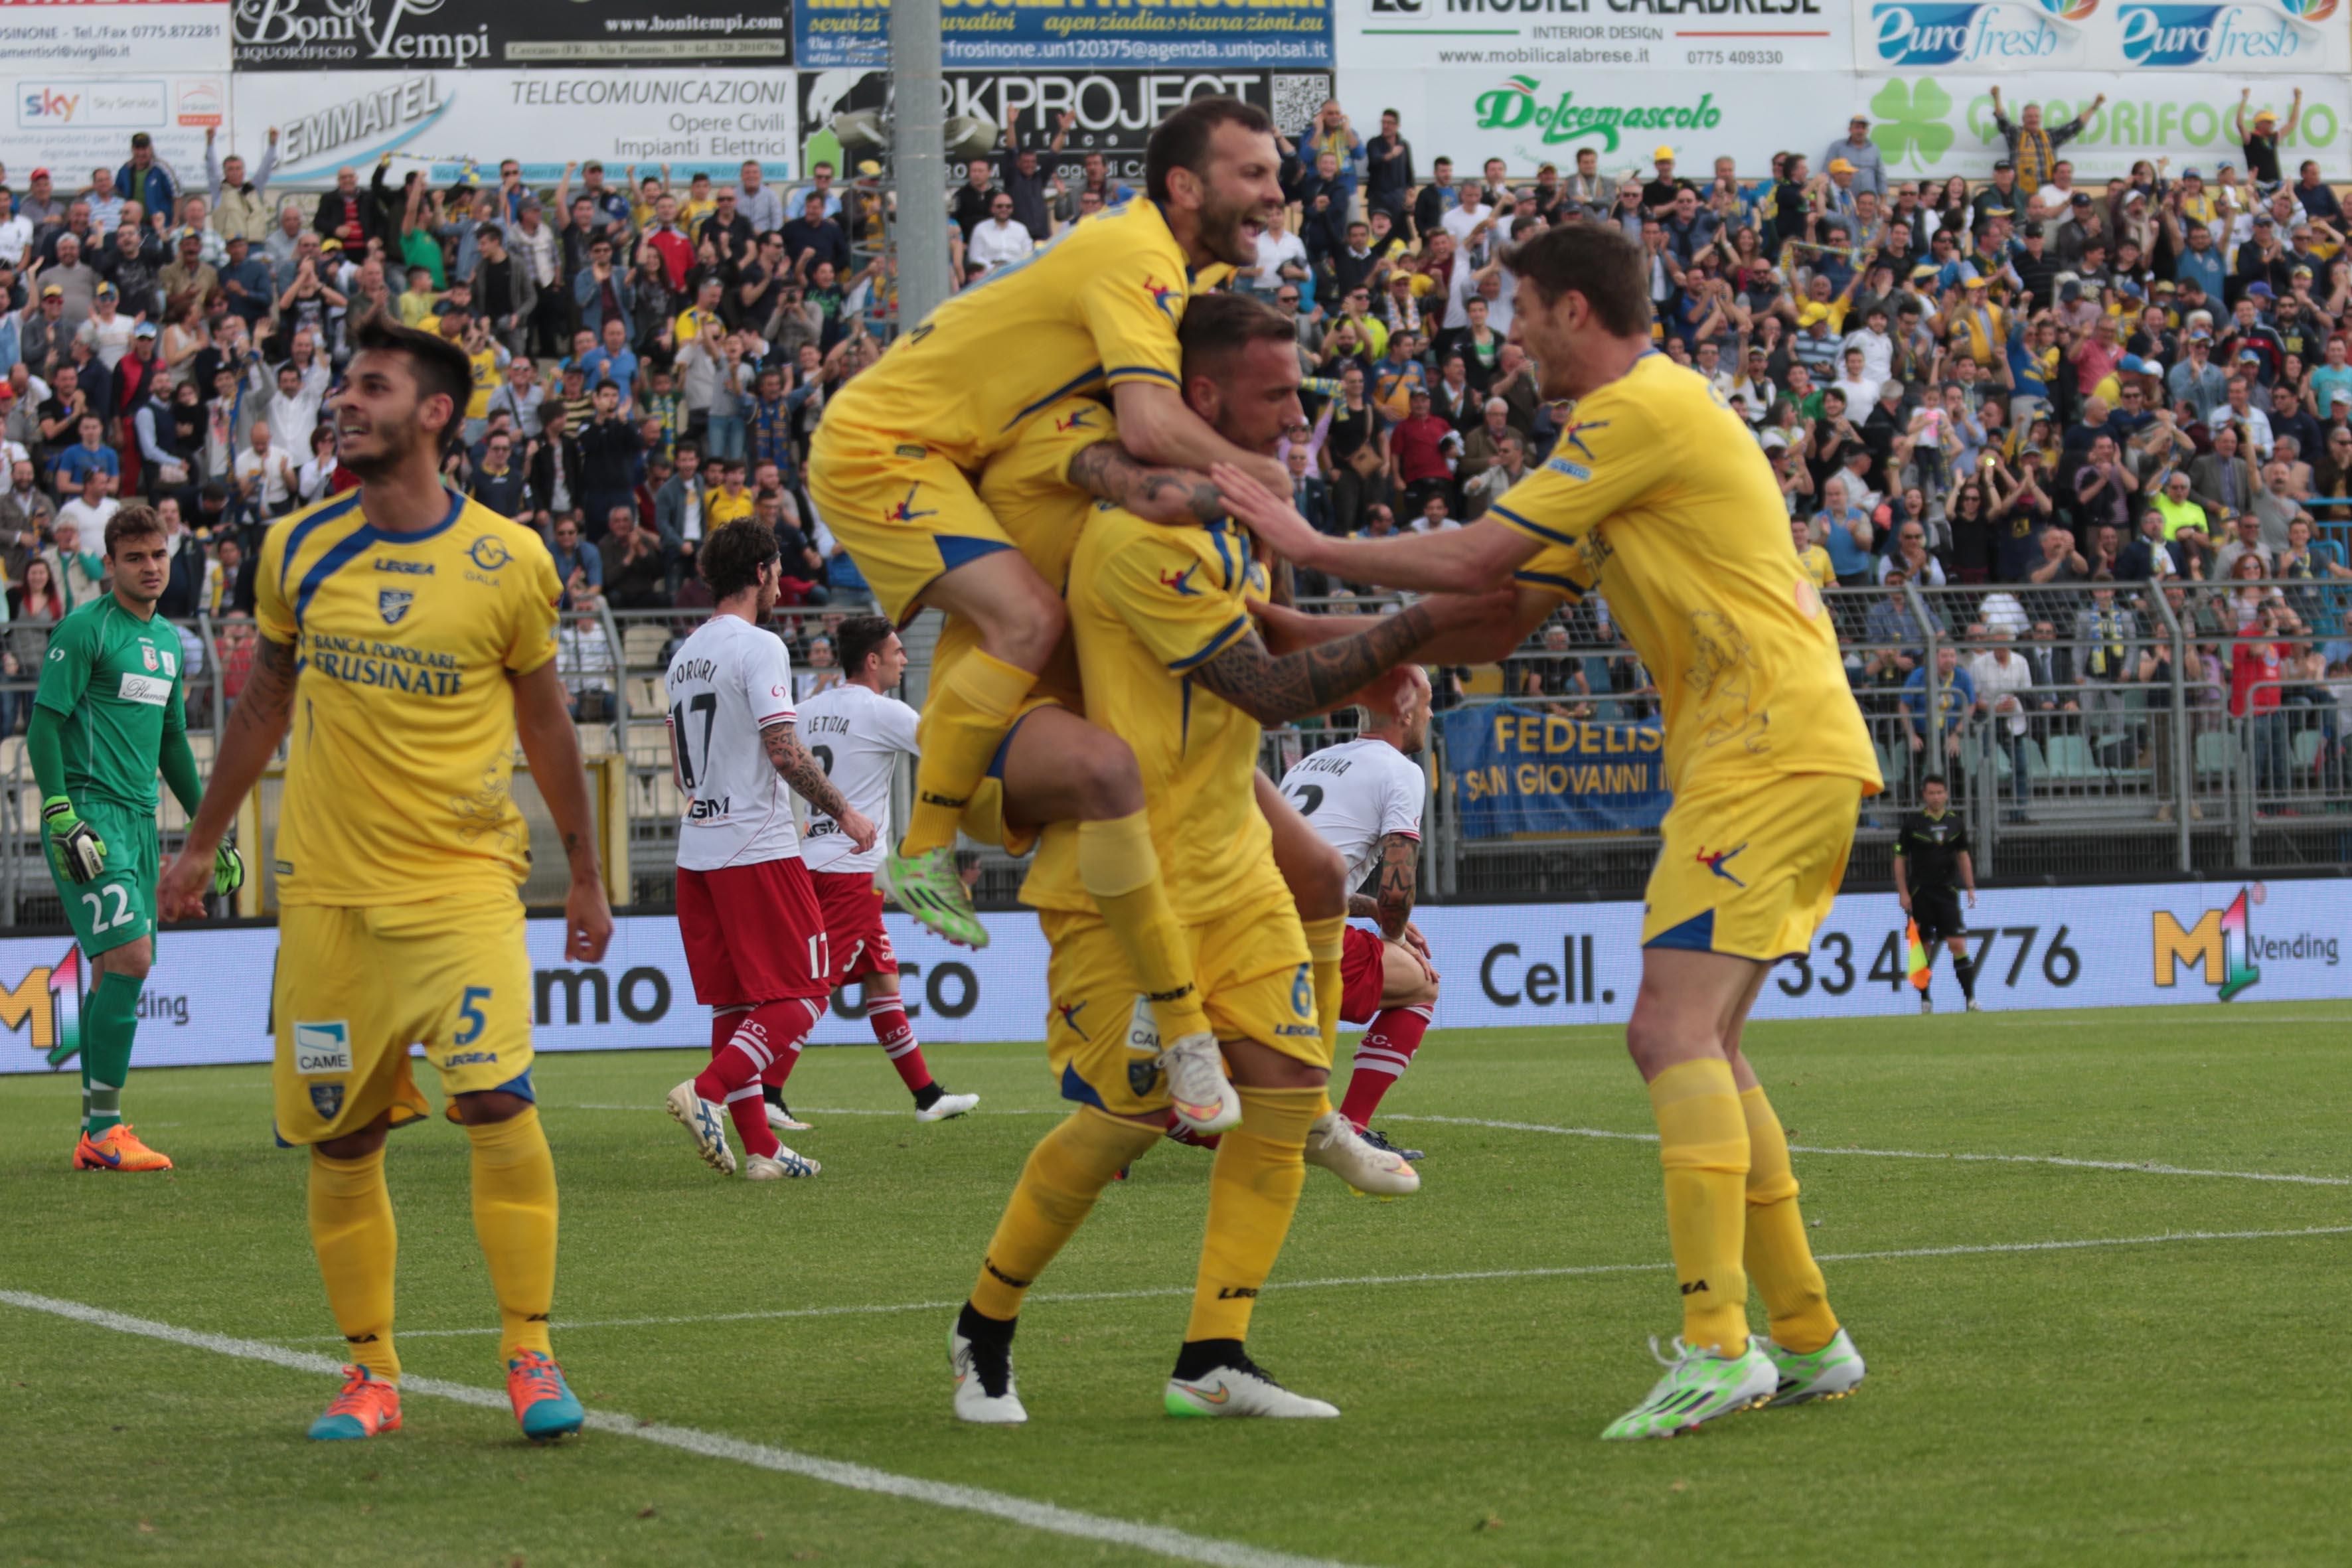 Il Frosinone oggi può festeggiare la storica promozione in Serie A